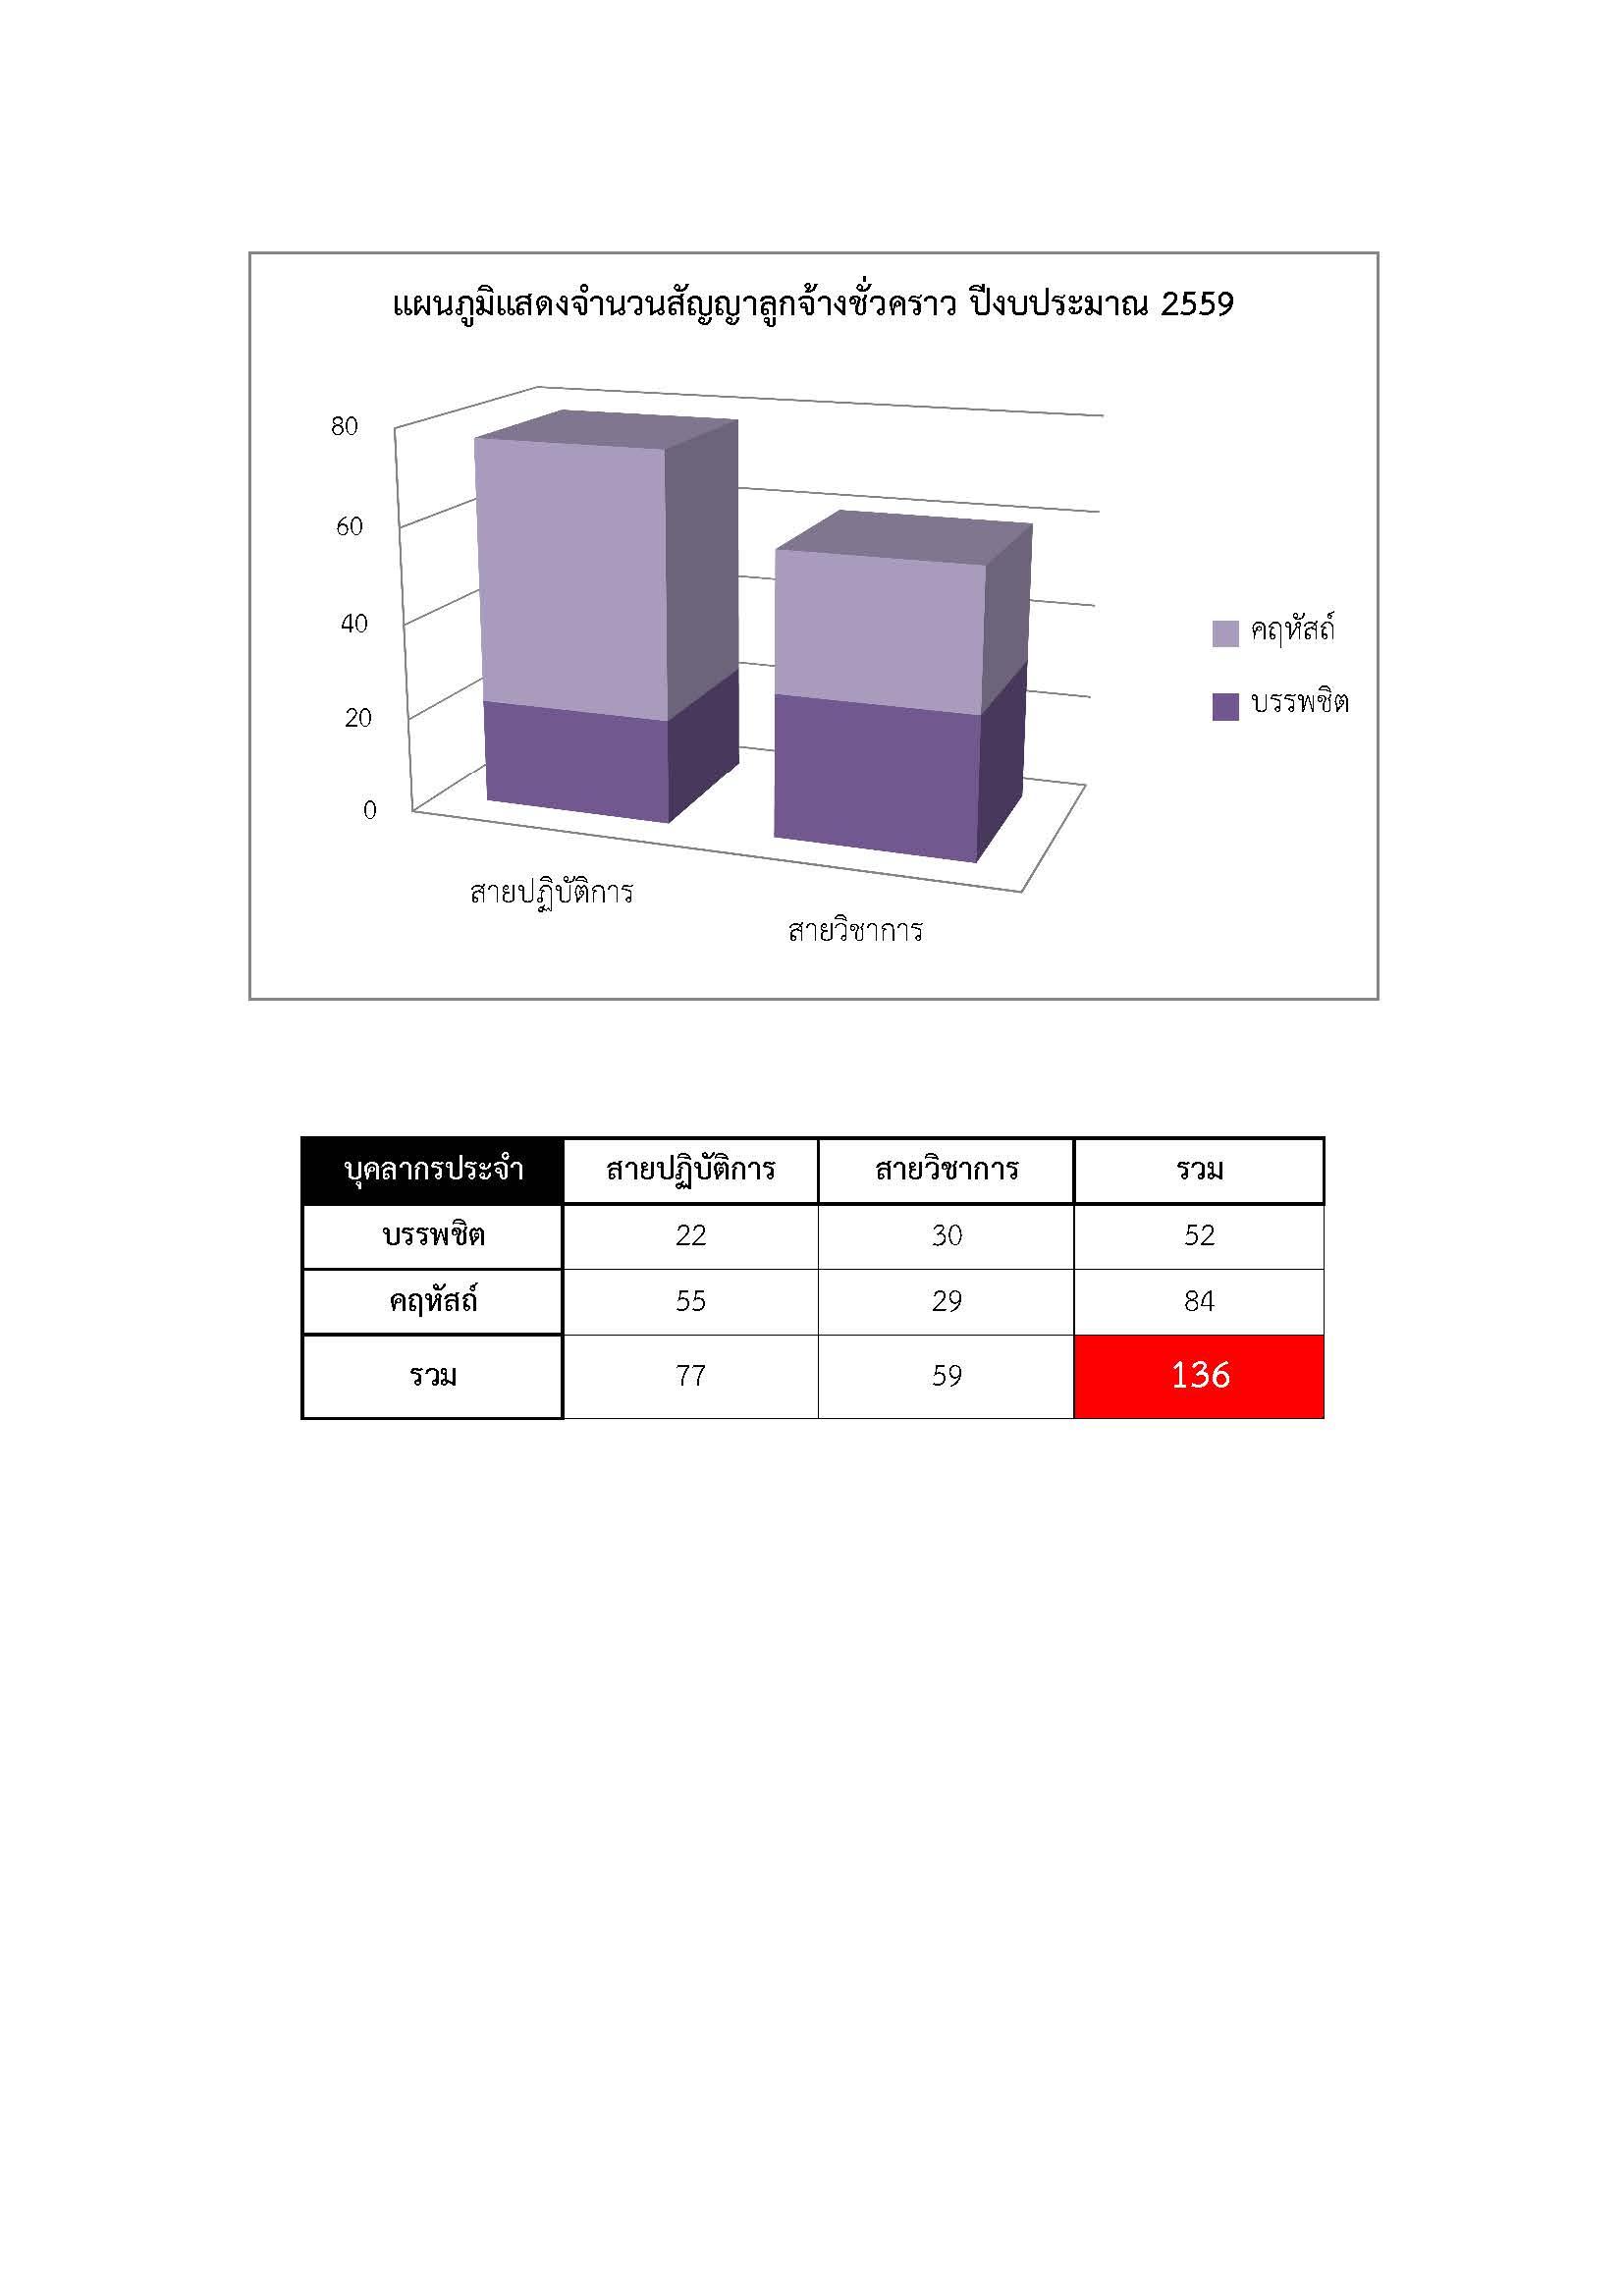 %e0%b8%aa%e0%b8%b1%e0%b8%8d%e0%b8%8d%e0%b8%b2%e0%b8%a5%e0%b8%b9%e0%b8%81%e0%b8%88%e0%b9%89%e0%b8%b2%e0%b8%87%e0%b8%8a%e0%b8%b1%e0%b9%88%e0%b8%a7%e0%b8%84%e0%b8%a3%e0%b8%b2%e0%b8%a7-2559